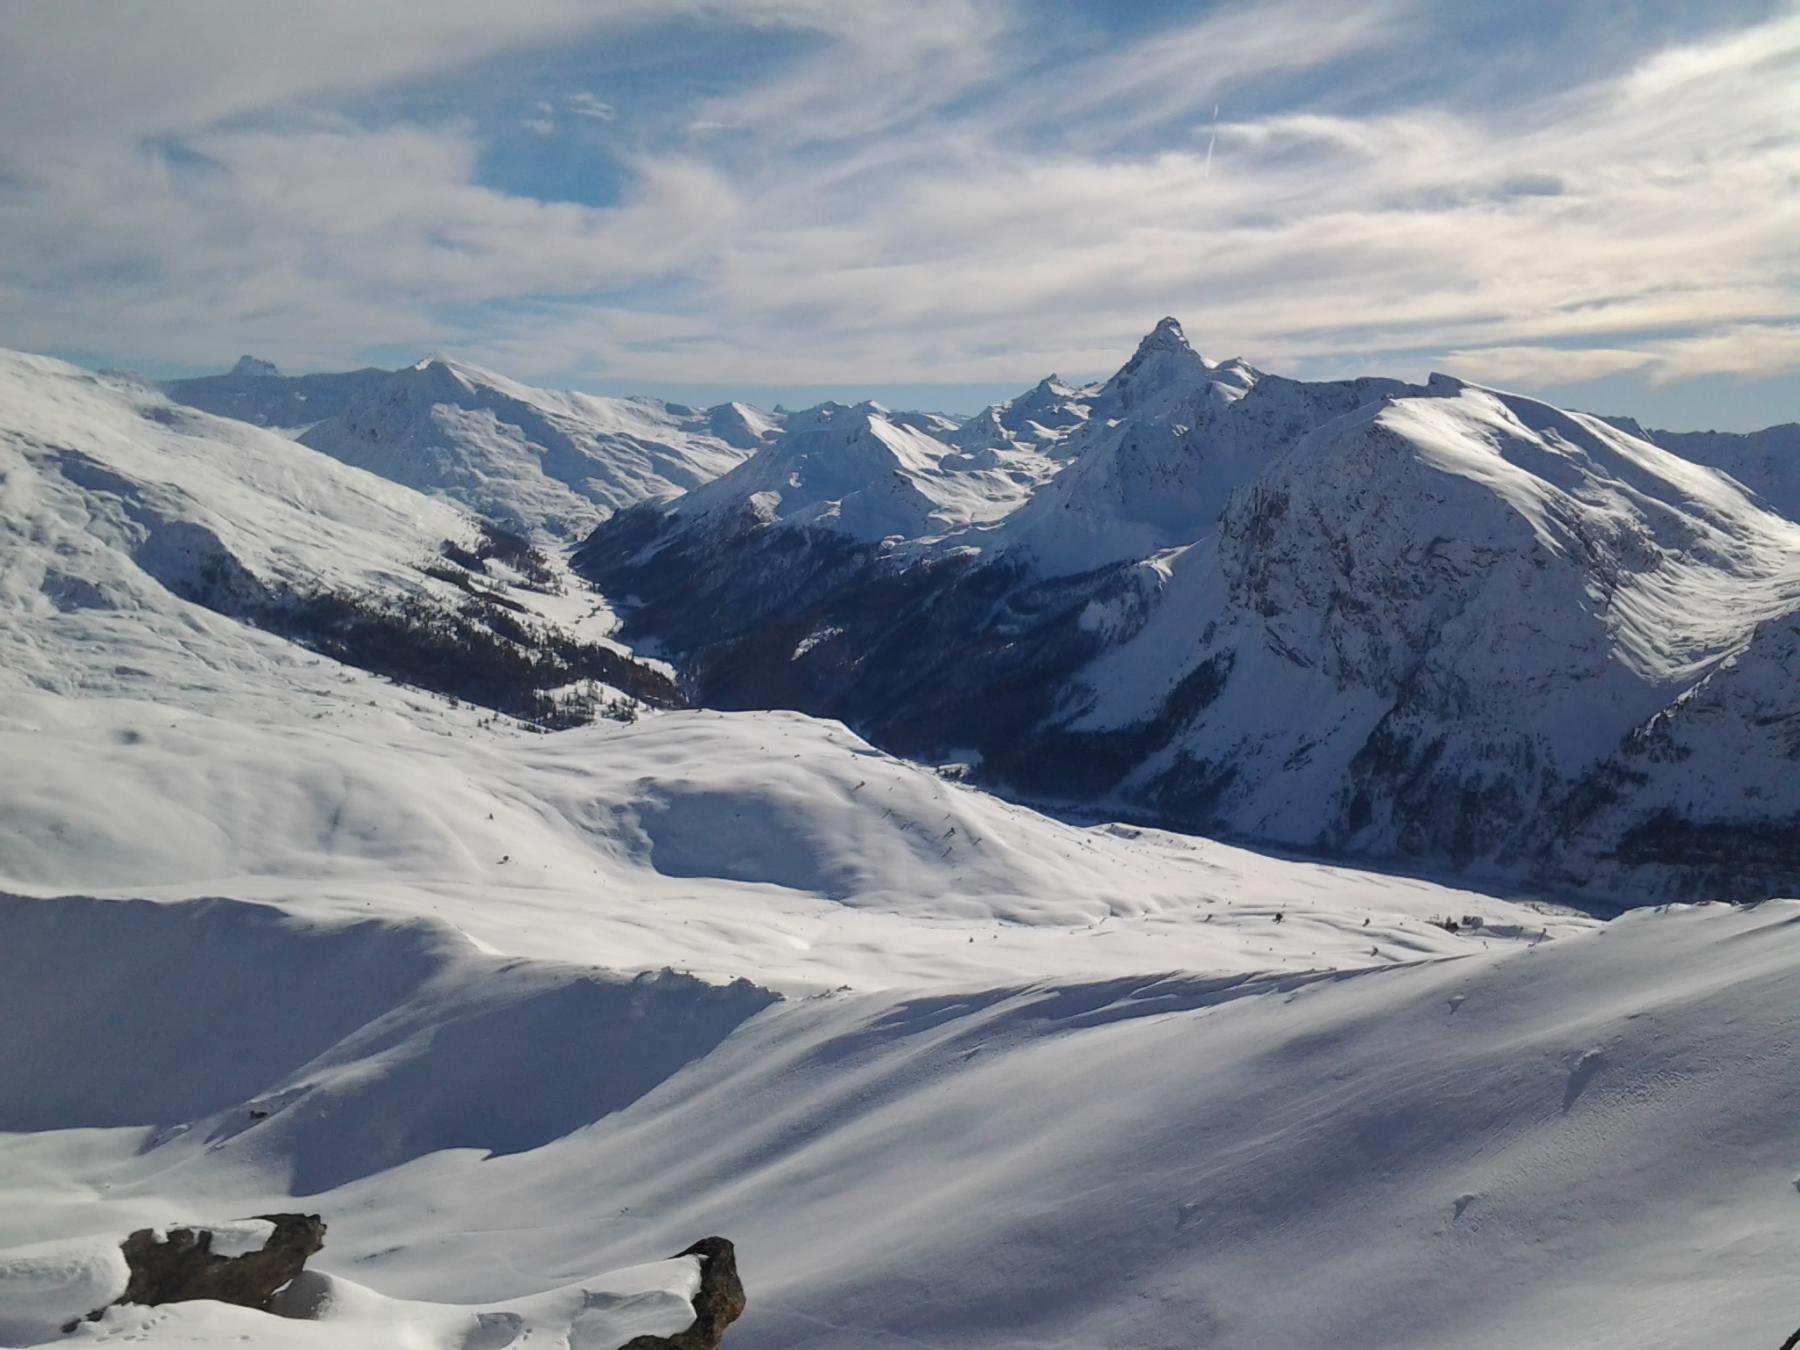 Pic de Rochebrune e Monviso che sbuca a sinistra